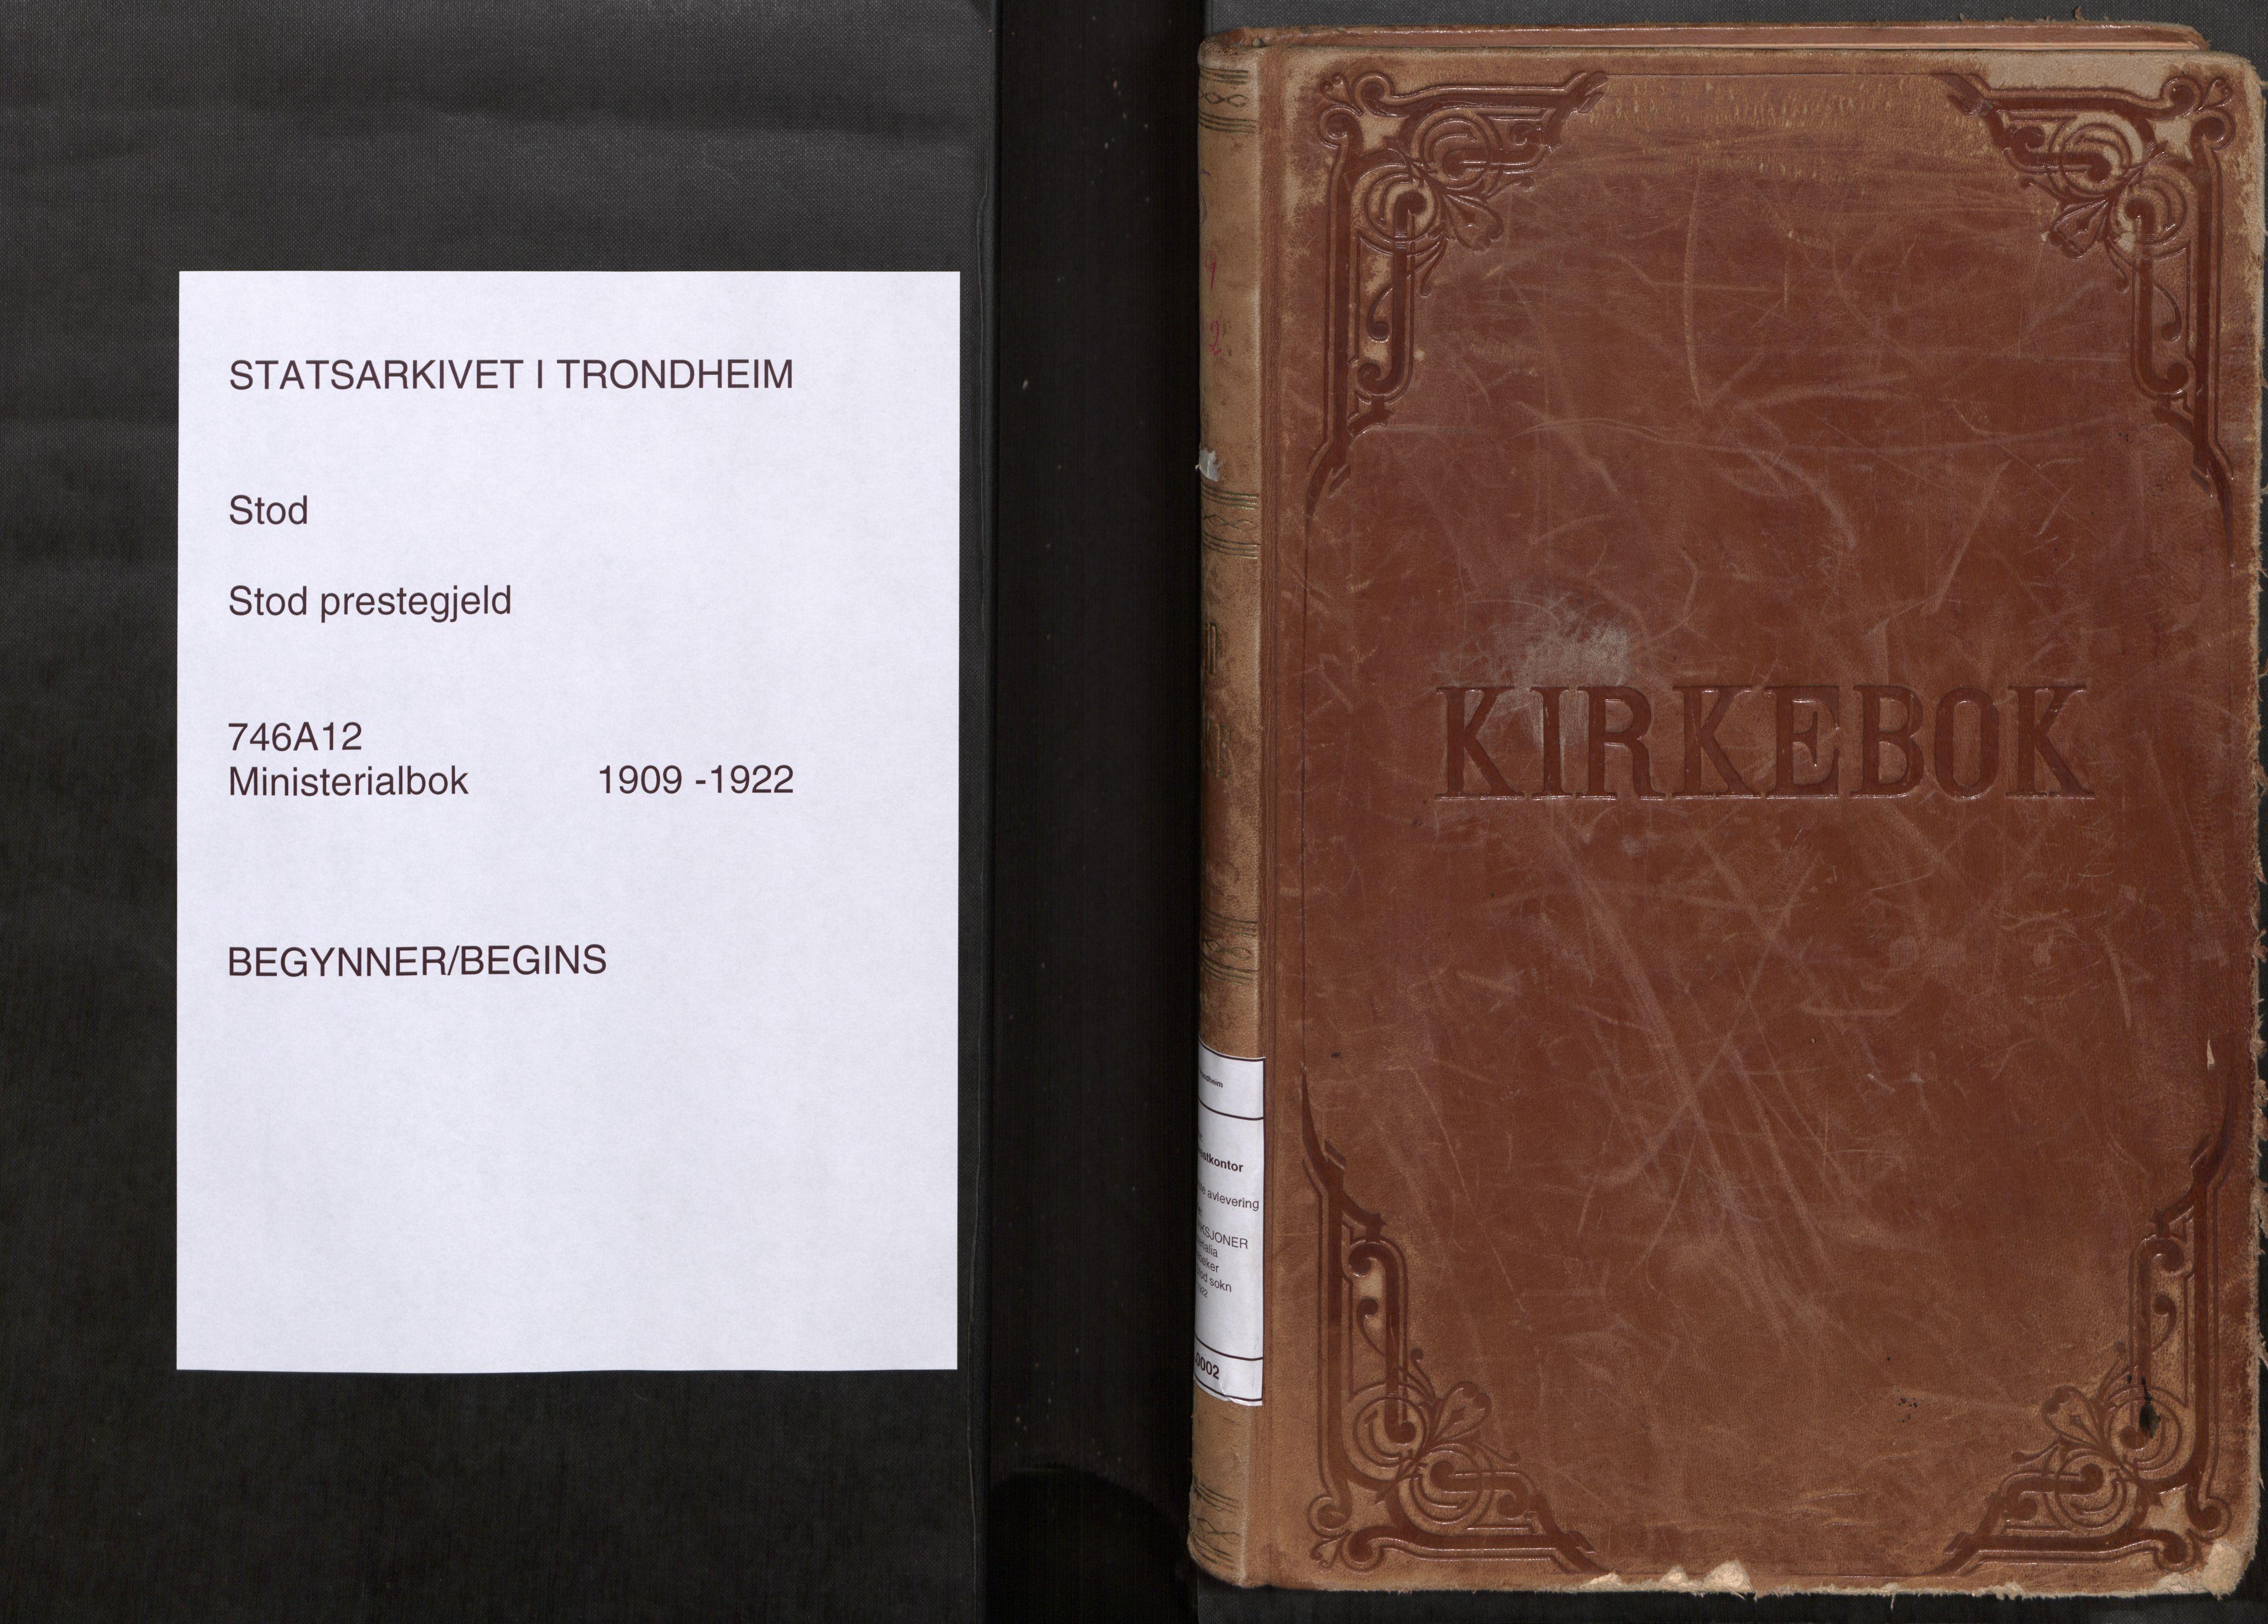 SAT, Stod sokneprestkontor, I/I1/I1a/L0002: Parish register (official) no. 2, 1909-1922